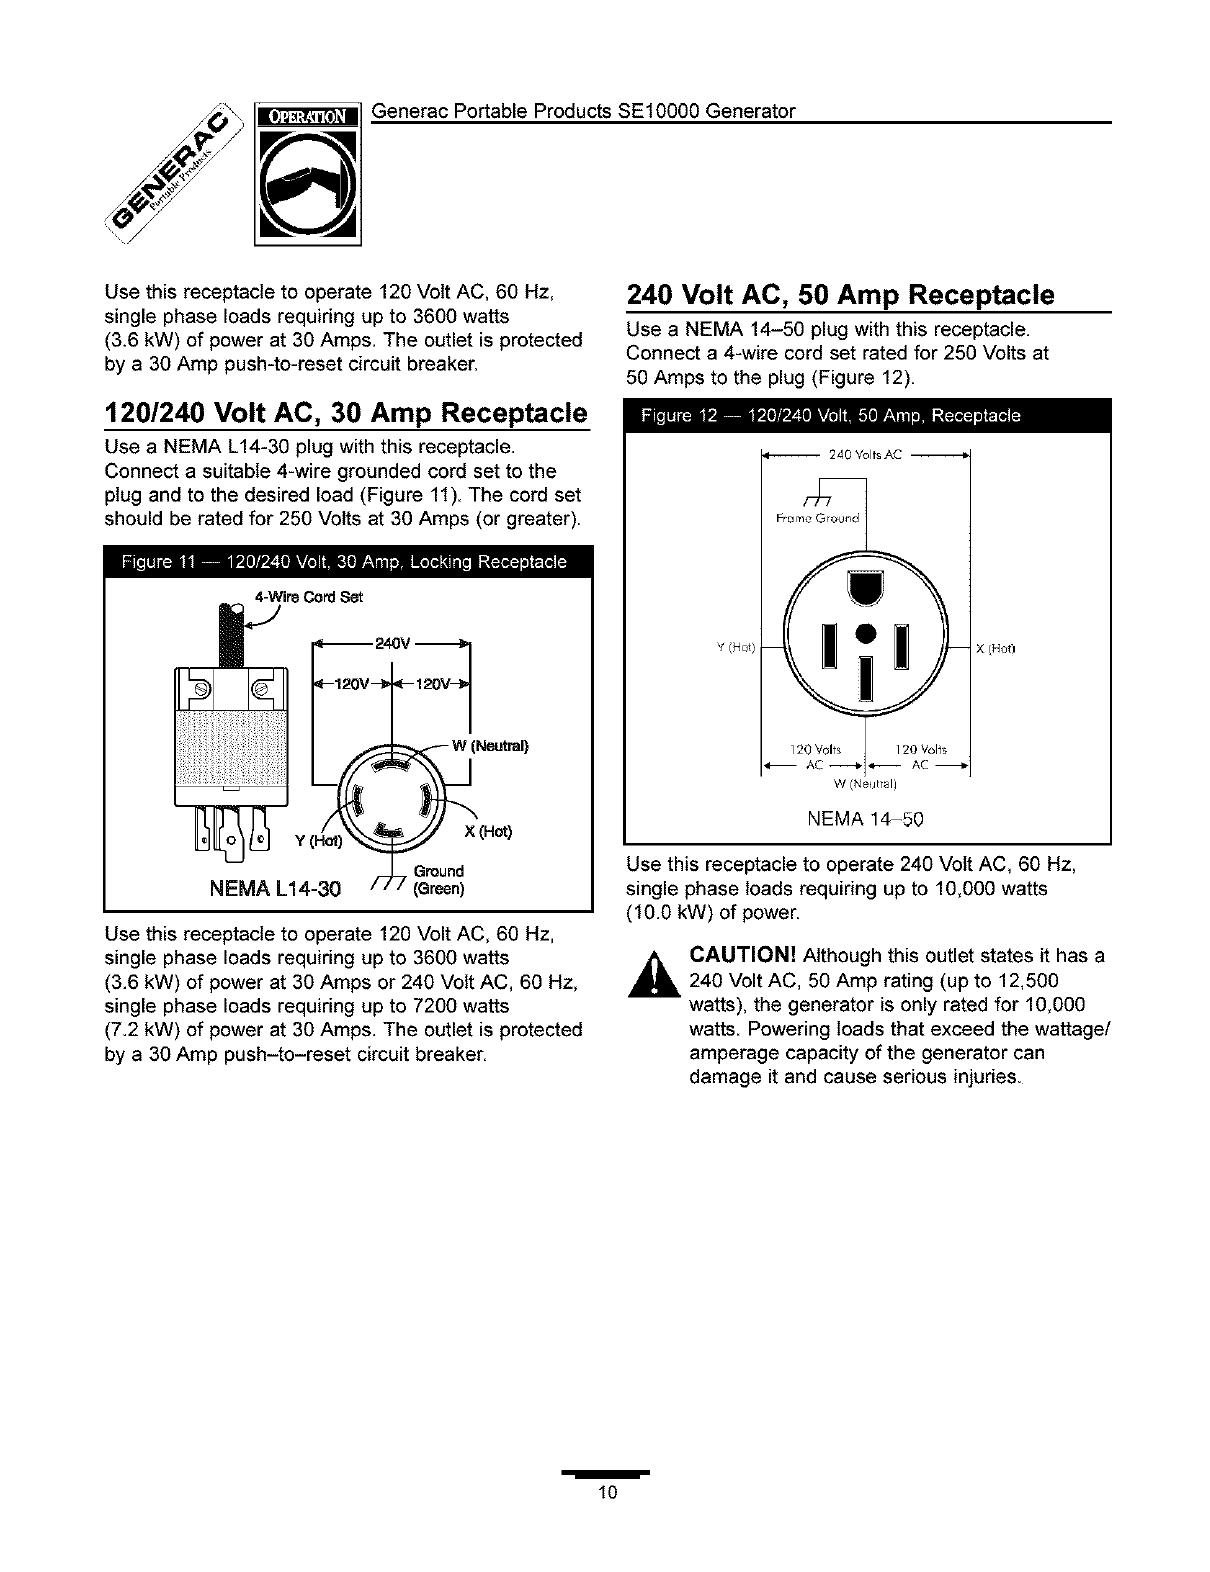 generac 30 amp generator plug wiring diagram generac 1339 0 user manual generator manuals and guides l0403234  1339 0 user manual generator manuals